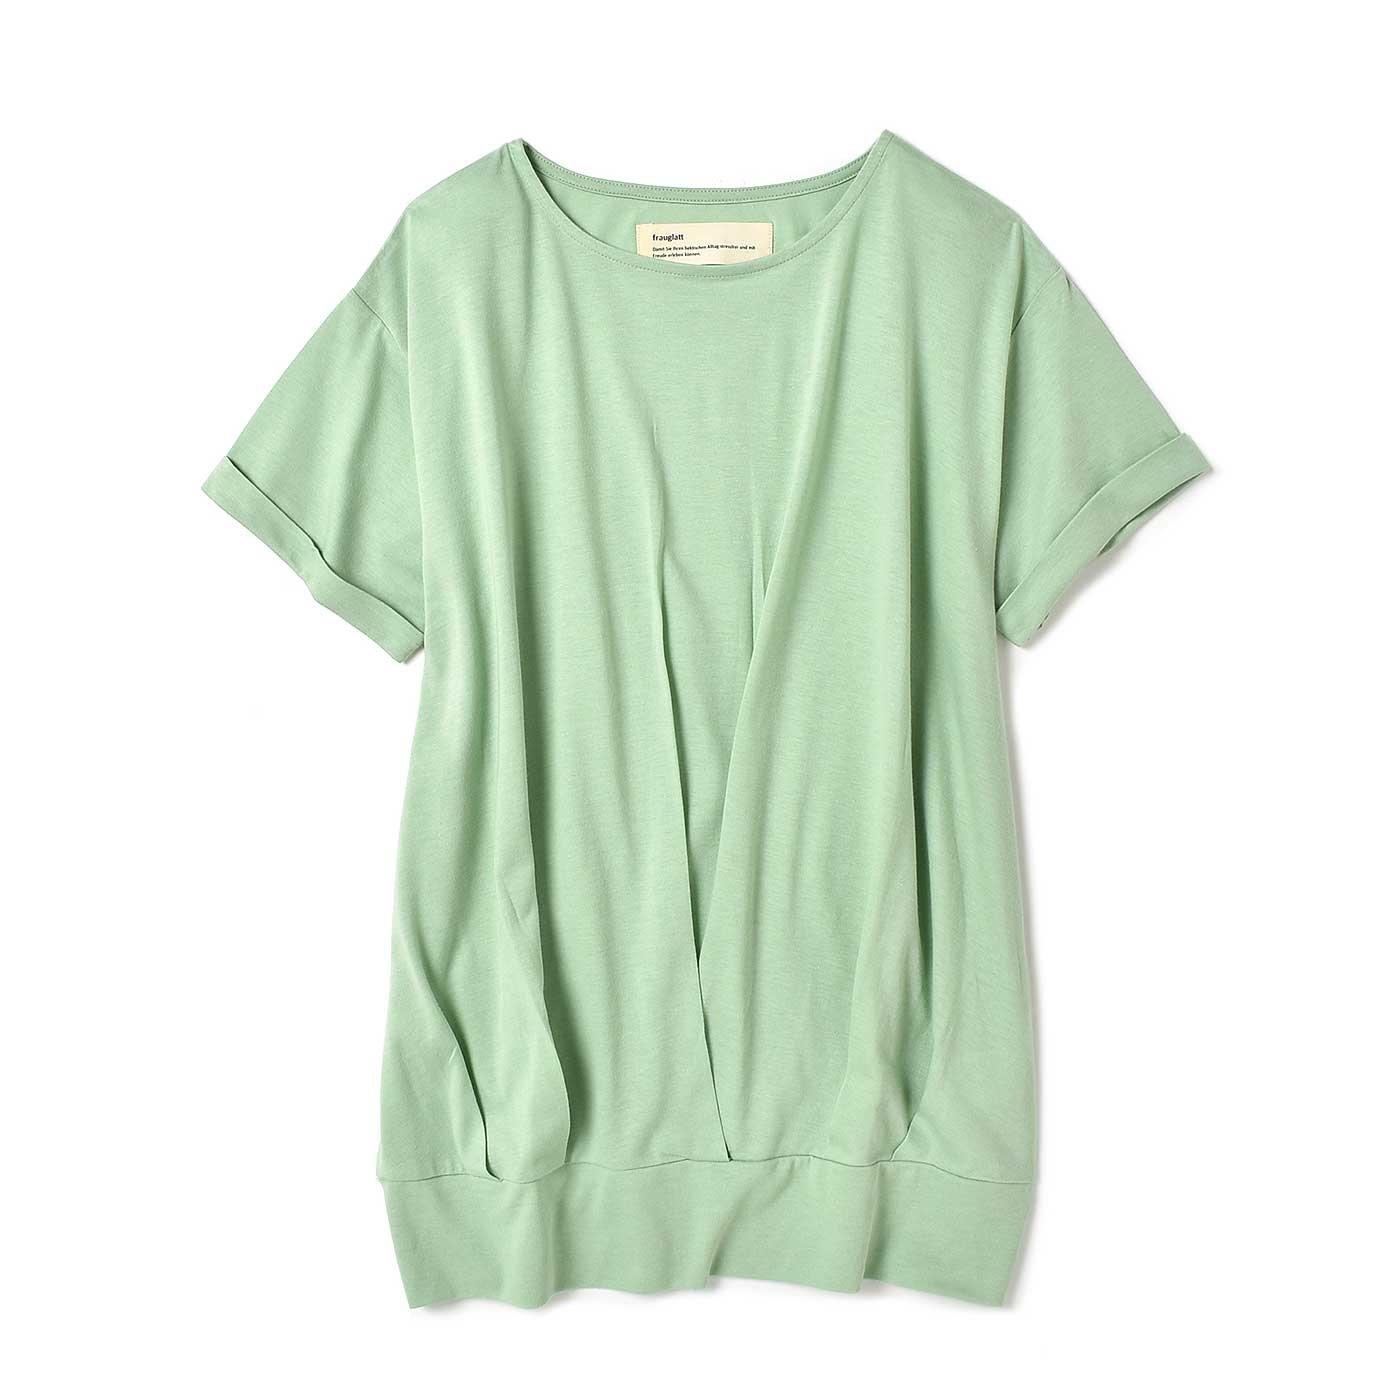 フラウグラット 一枚でコーデOK! Tシャツ素材の汗じみ対策チュニック〈29〉